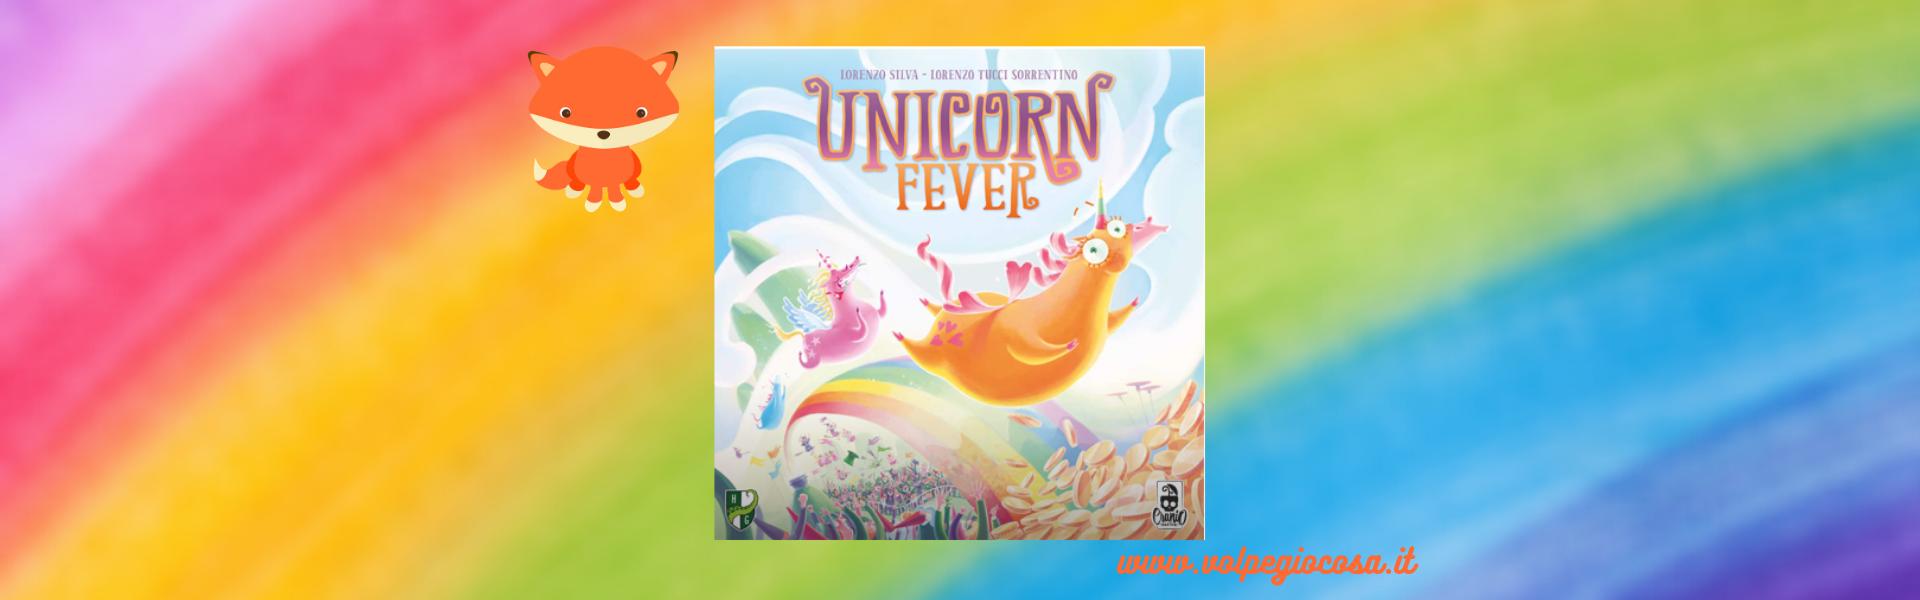 Unicorn Fever: pazze scommesse nel regno della magia